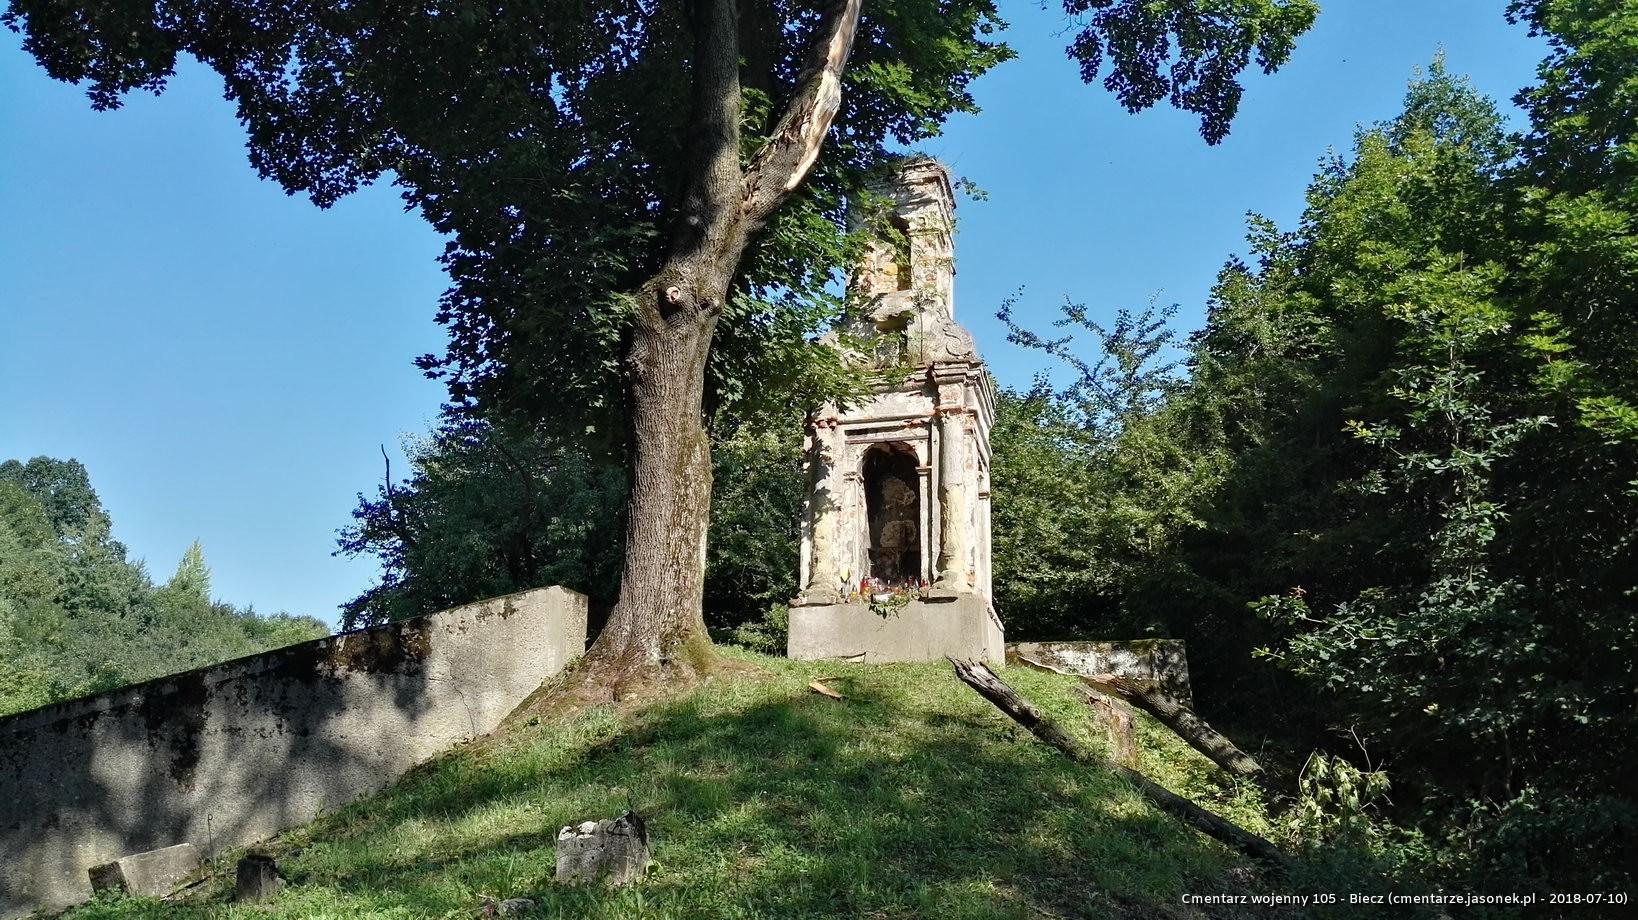 Cmentarz wojenny 105 - Biecz